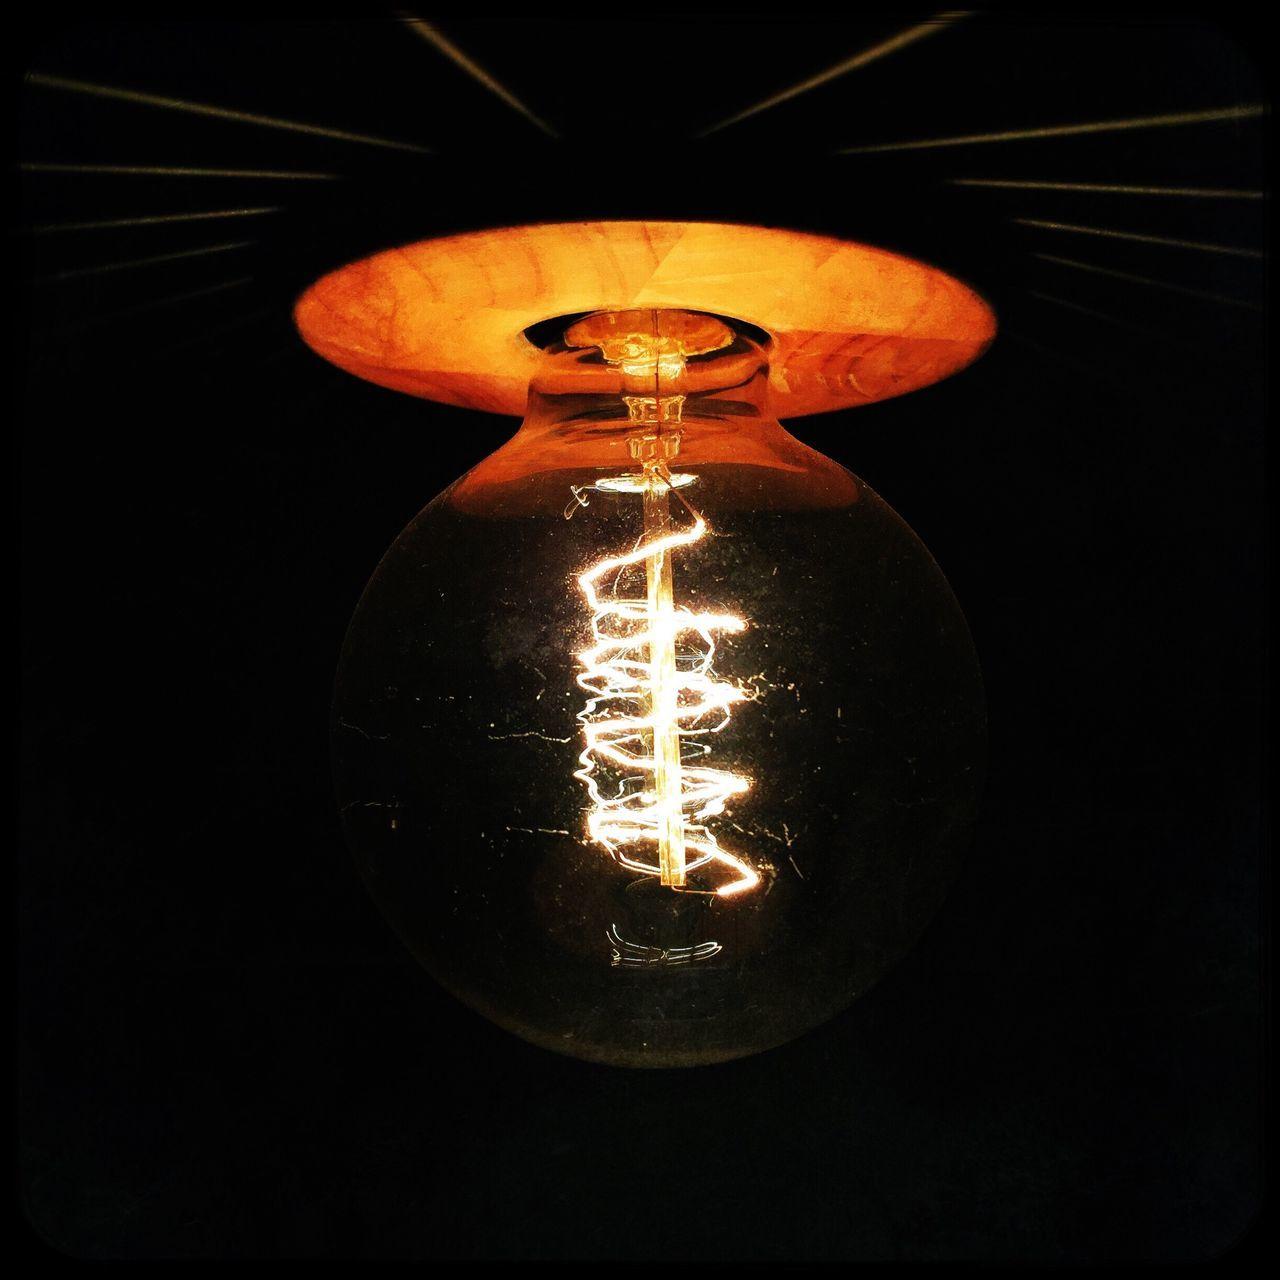 Close-Up Of Lit Light Bulb Over Black Background